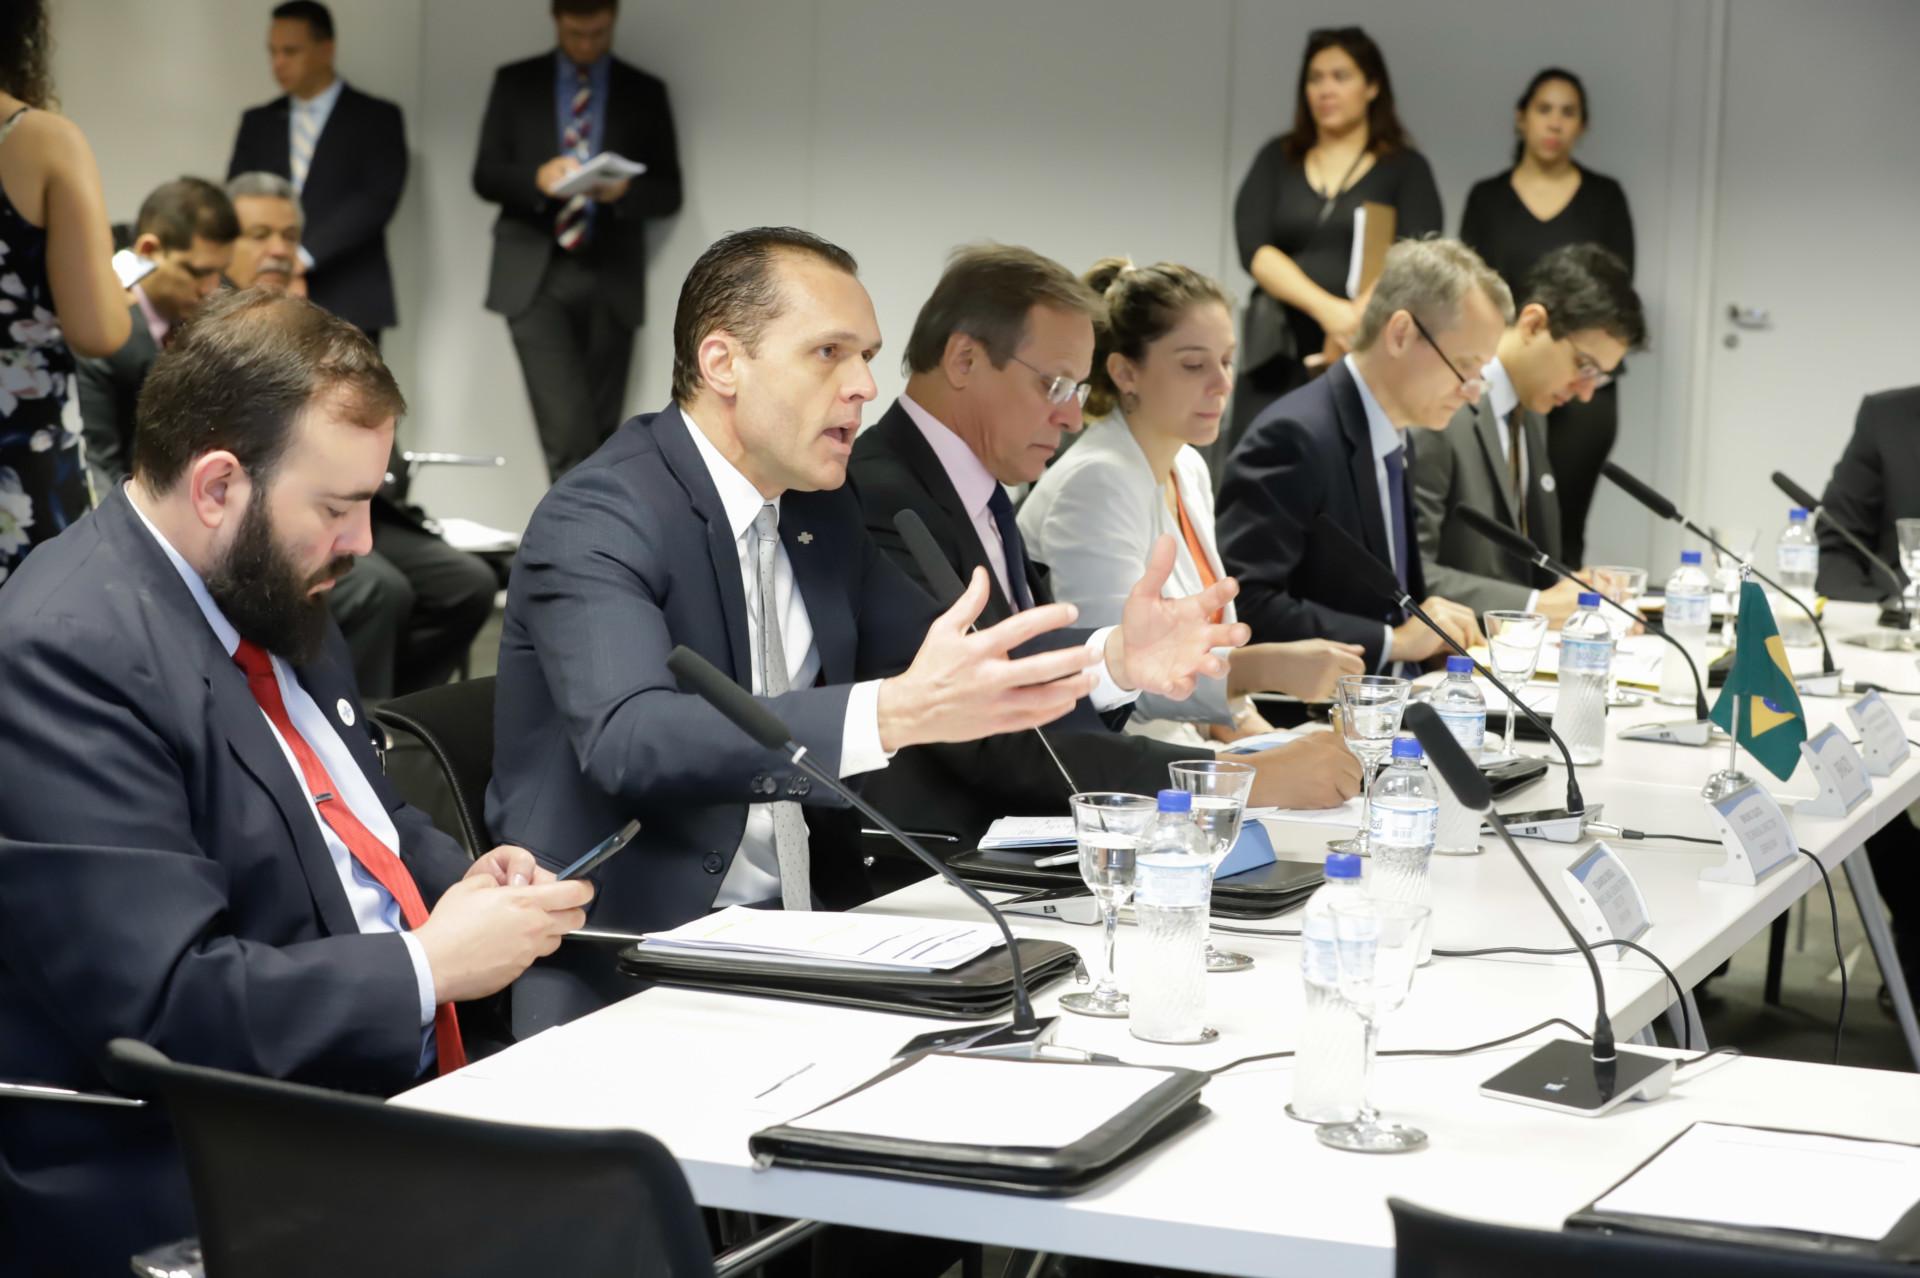 Sebrae Nacional sedia mesa redonda do BRICS sobre MPEs